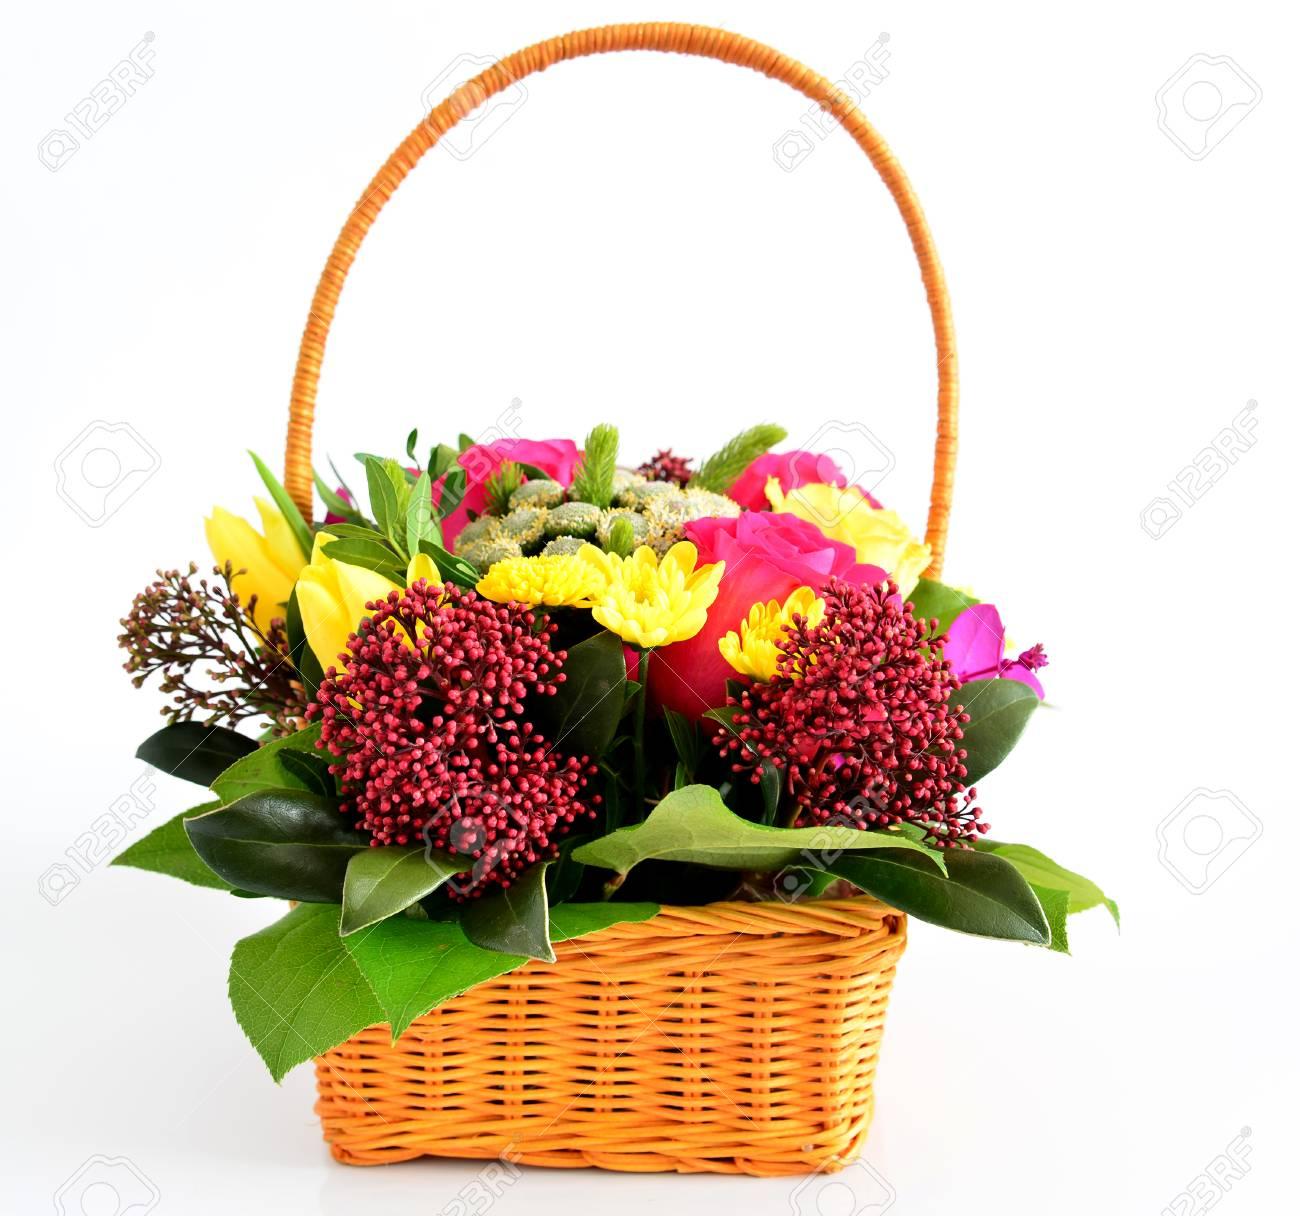 Beautiful flowers in a wicker basket on a light background stock beautiful flowers in a wicker basket on a light background stock photo 54743239 izmirmasajfo